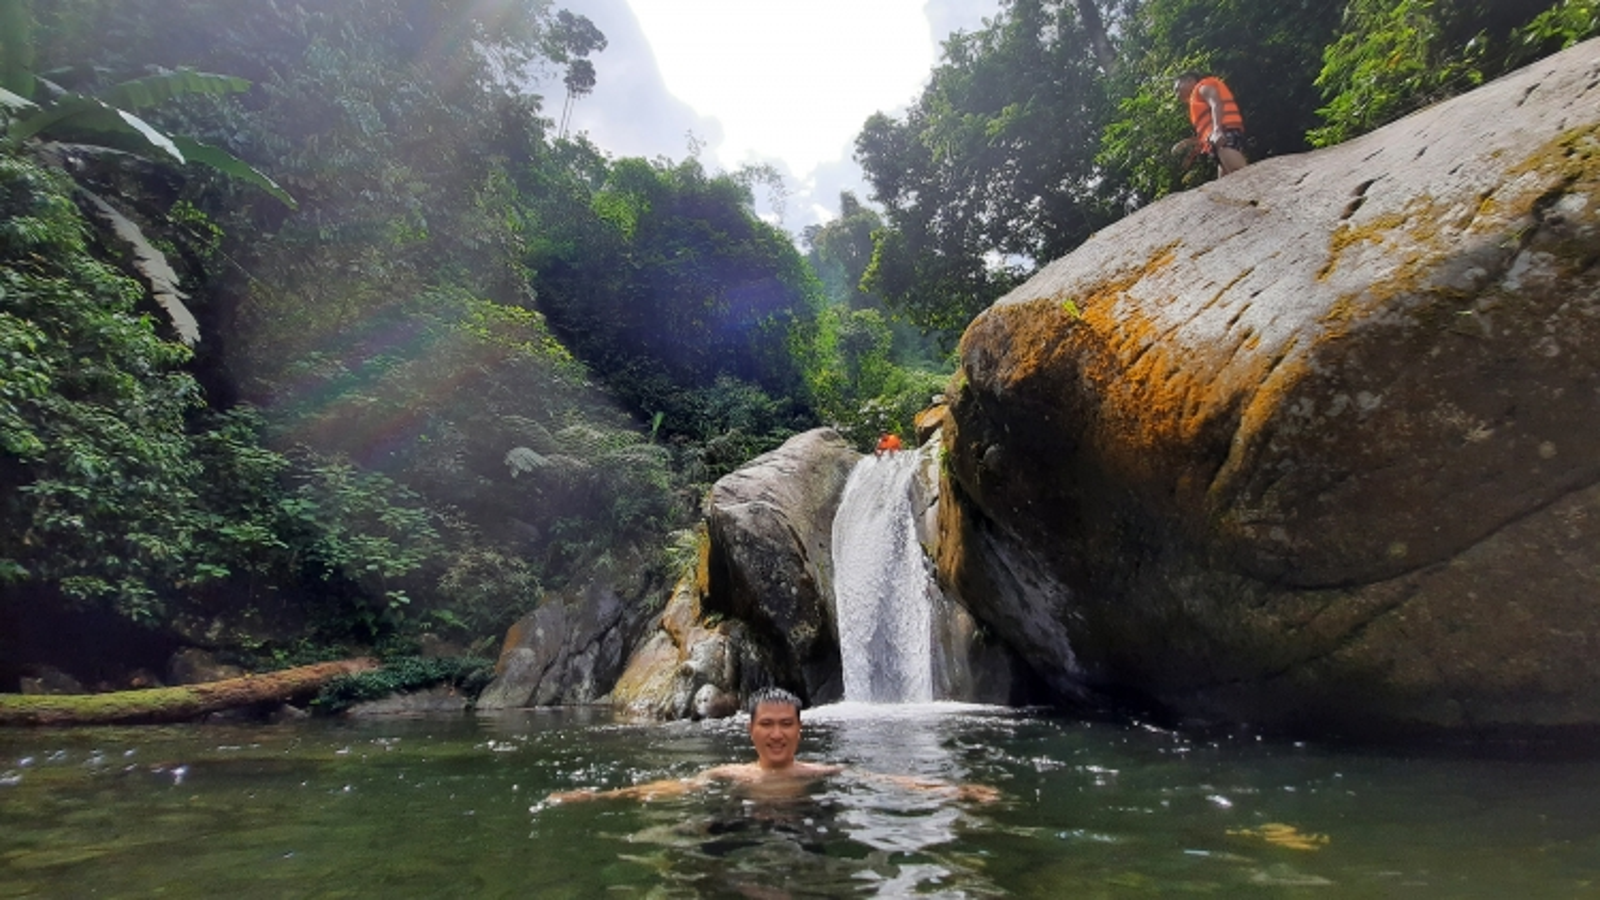 Chinh phục suối Cửa Tử - cung đường trekking hấp dẫn ở Thái Nguyên